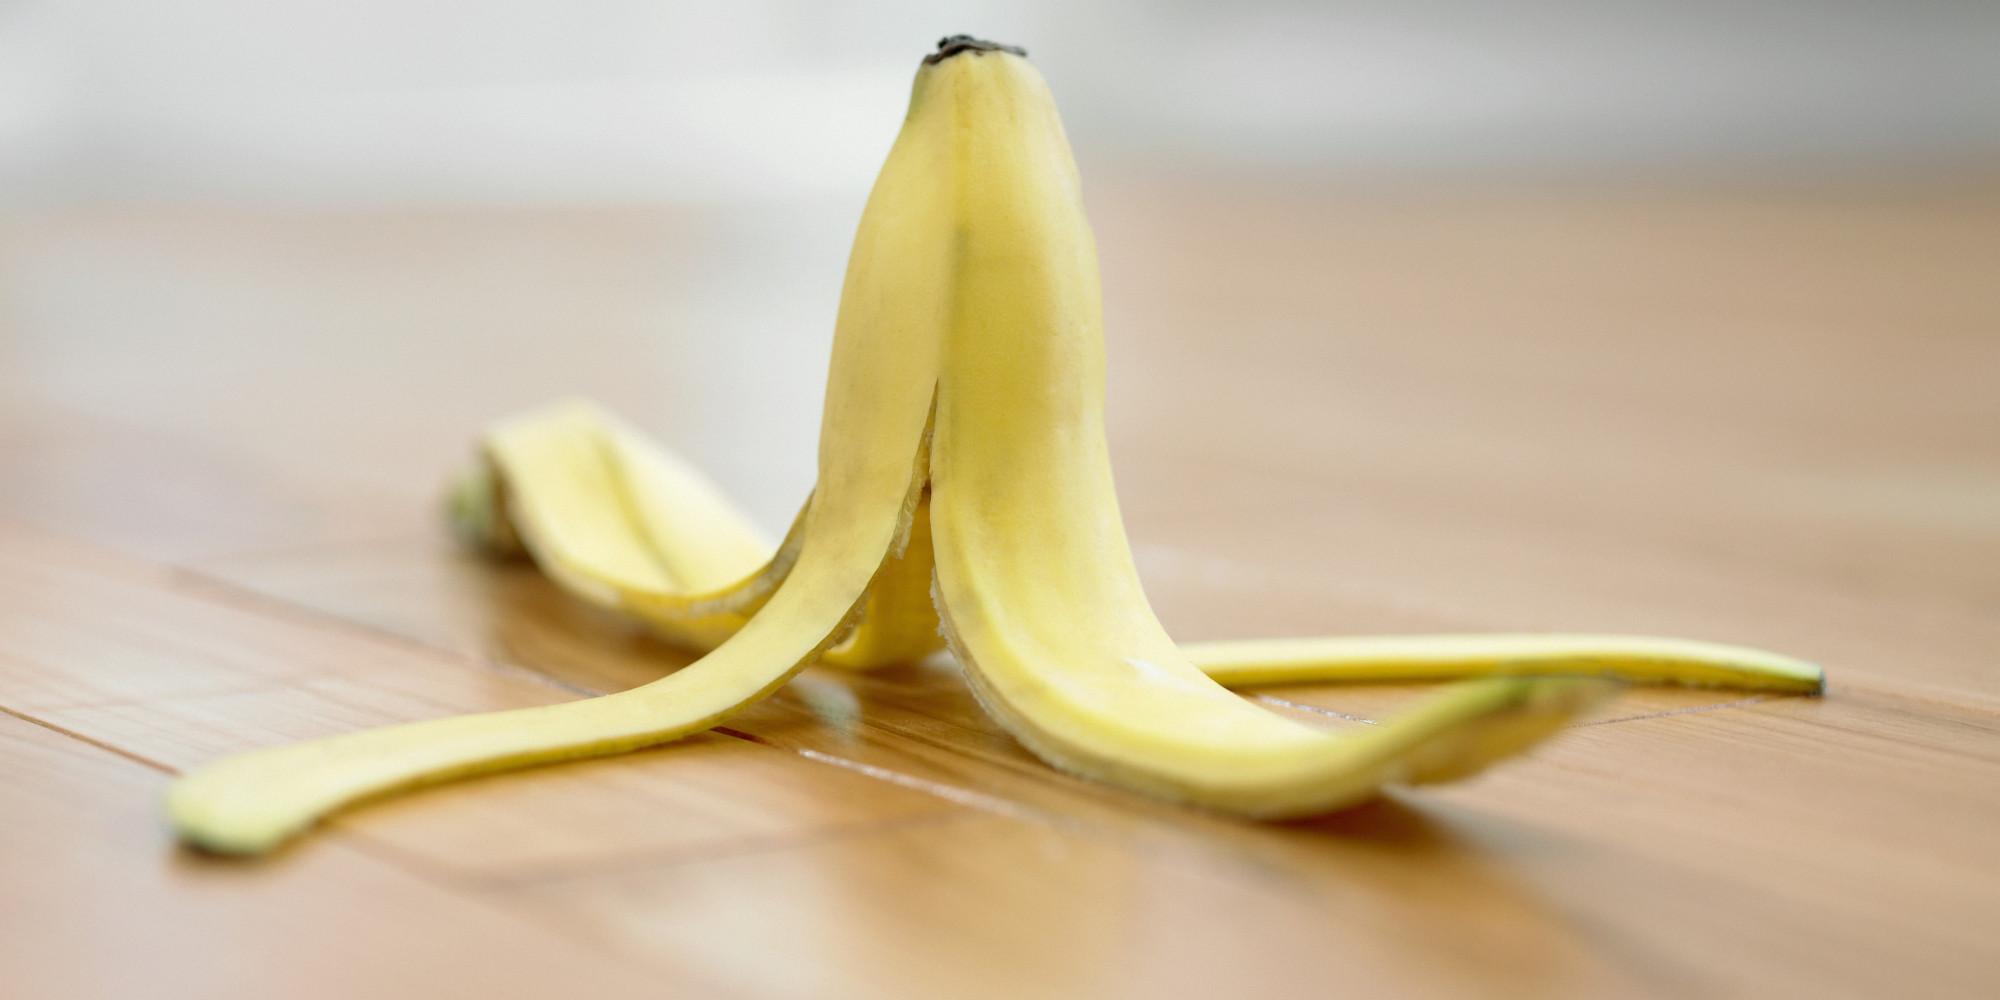 استخدامات مذهلة لقشور الموز